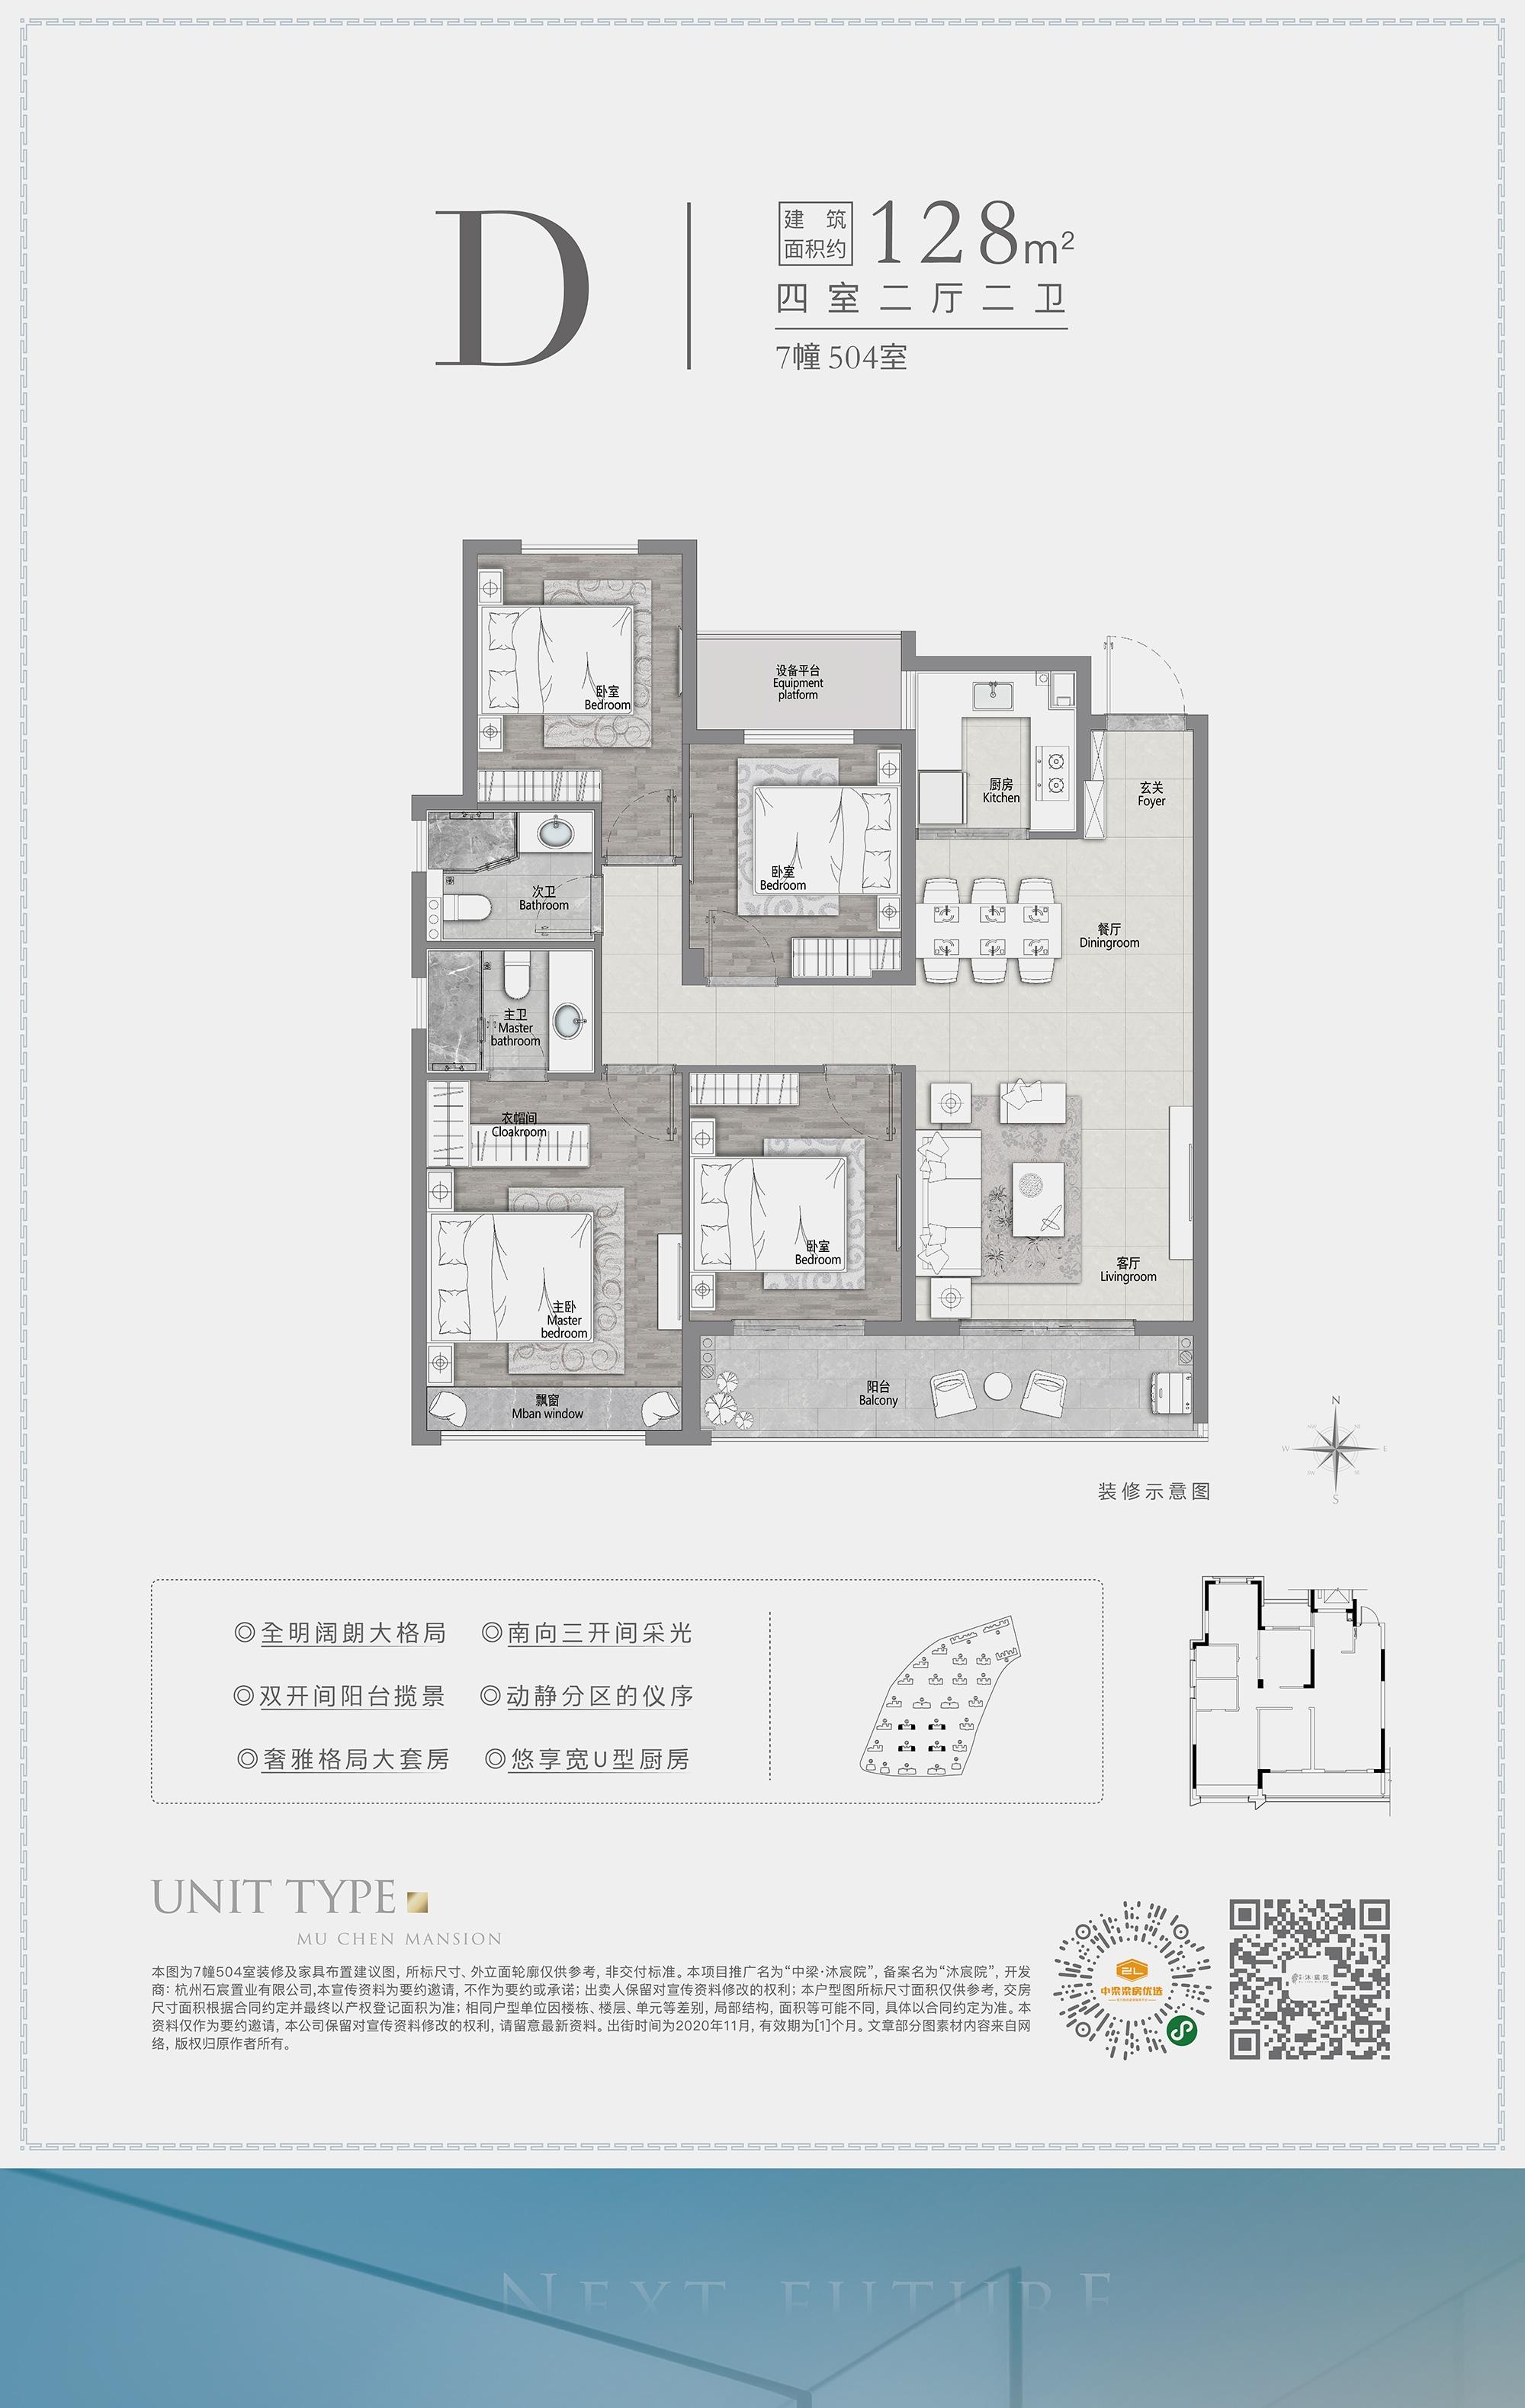 中梁沐宸院D边套户型约128方(7、8、11、12#)